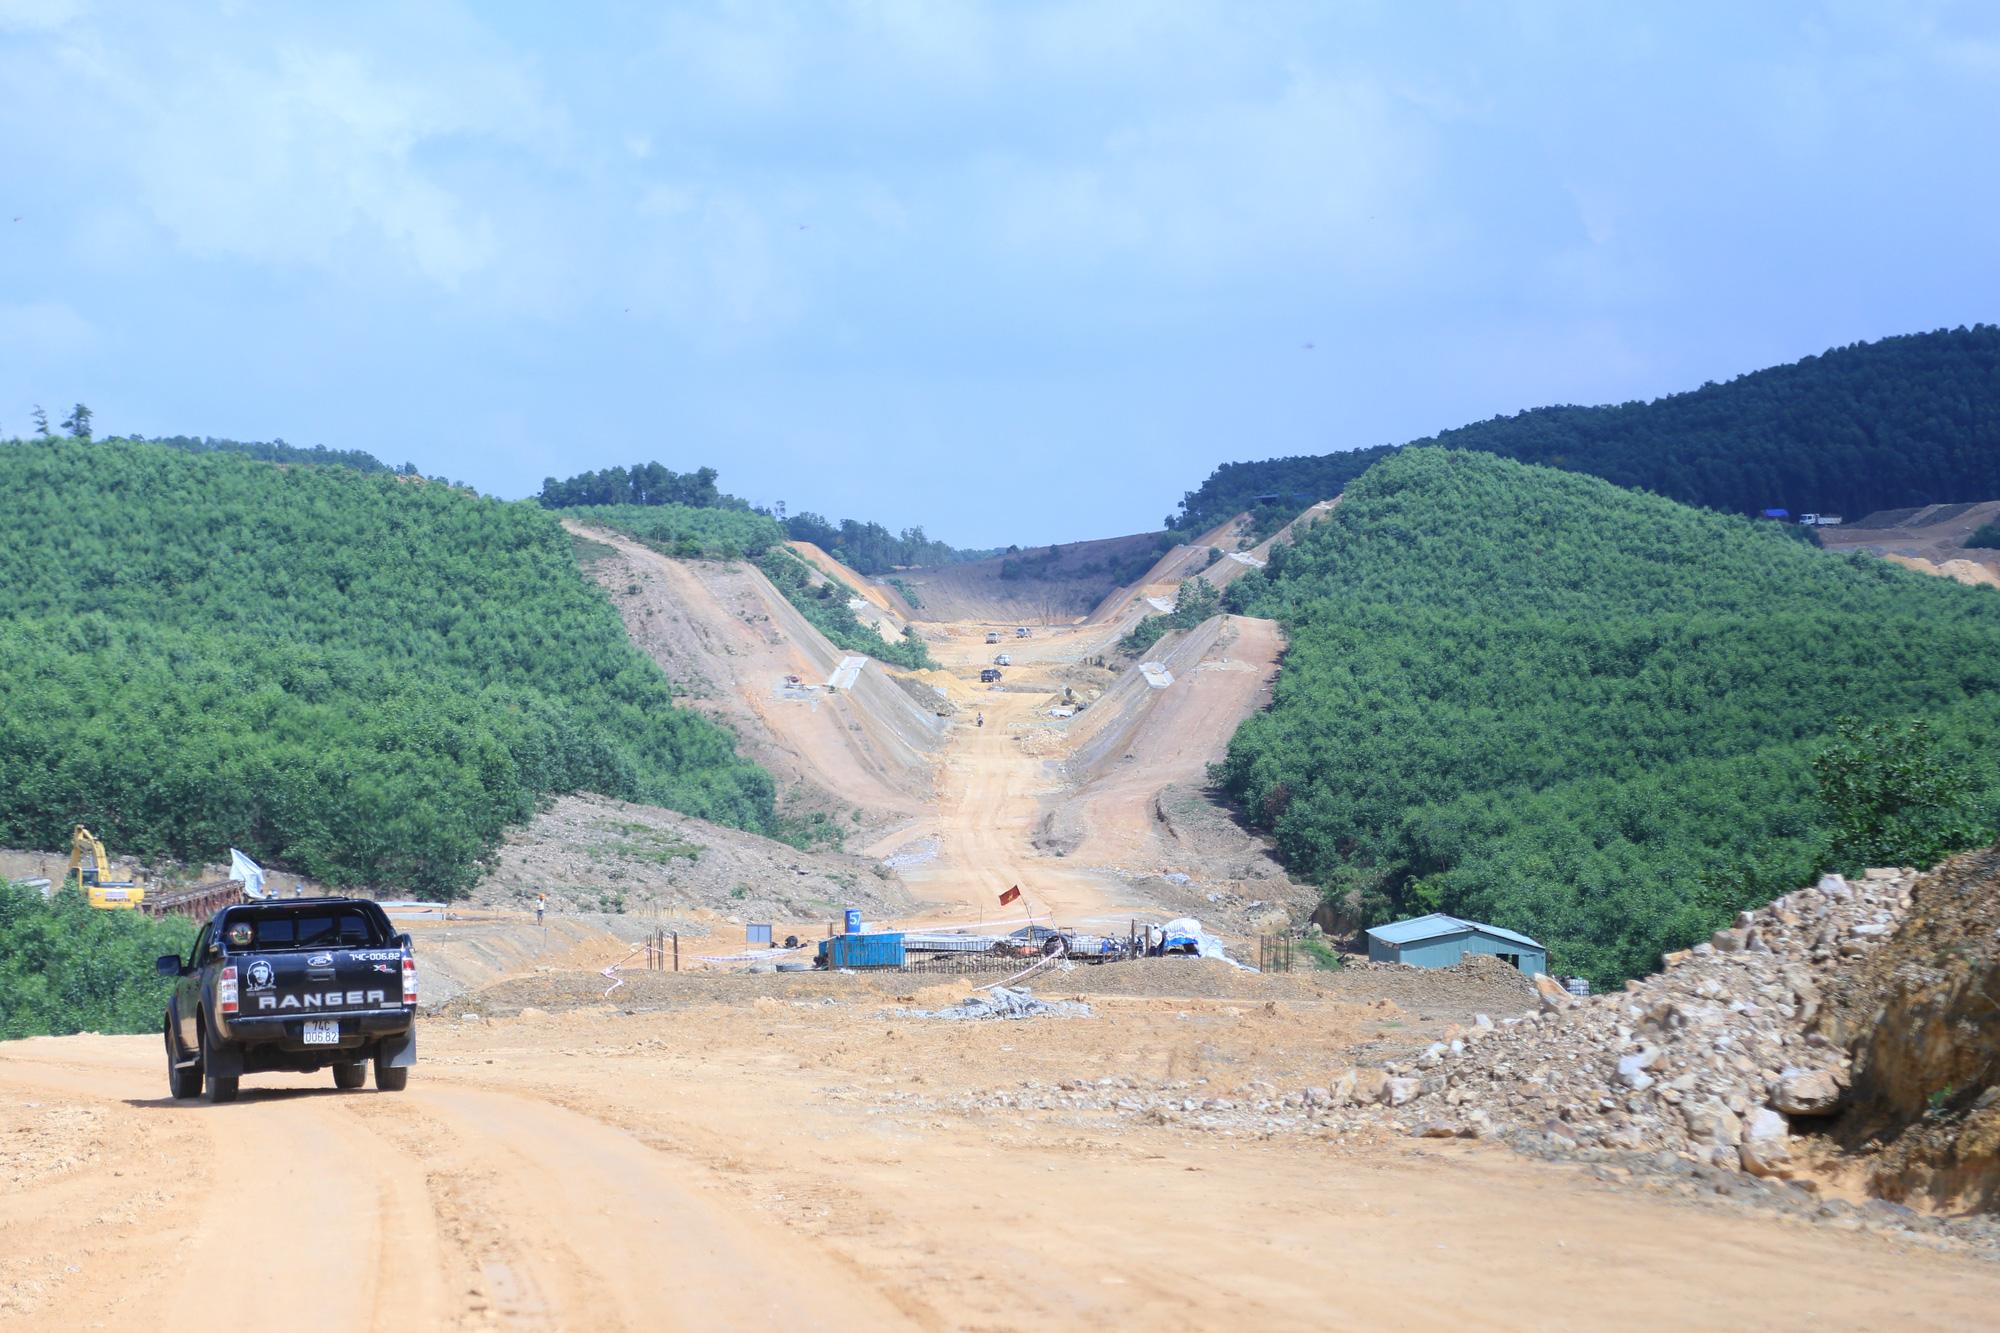 Tháng 4 Quảng Trị, xuyên rừng ngắm cung đường gần 8 ngàn tỷ những ngày tăng tốc - Ảnh 5.